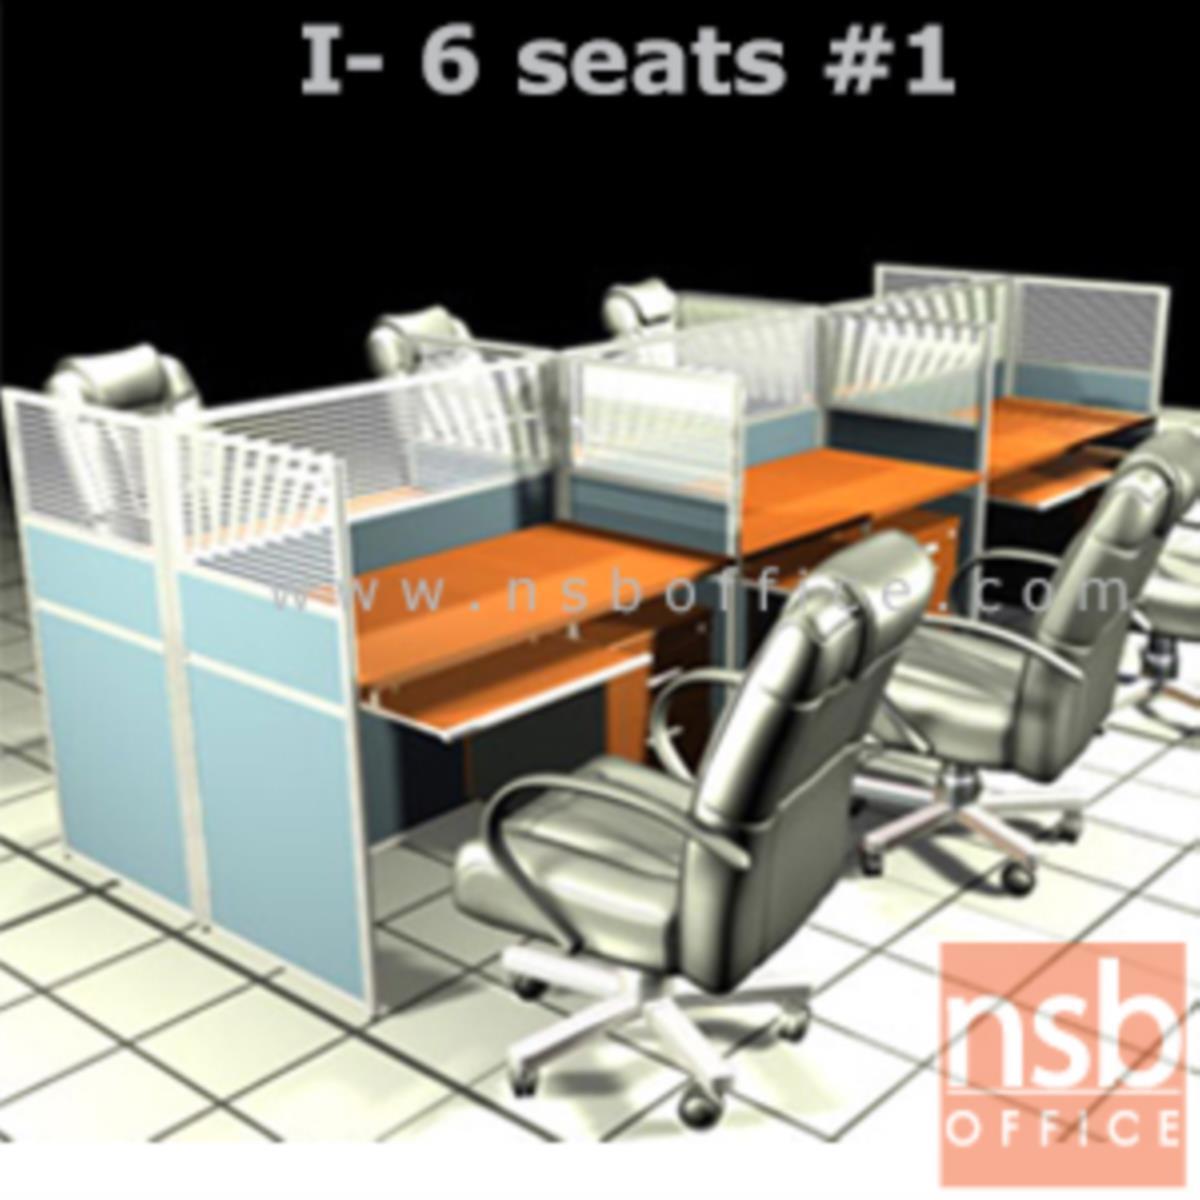 A04A089:โต๊ะทำงานกลุ่ม 6 ที่นั่ง   ขนาดรวม 368W*122D cm. พร้อมพาร์ทิชั่นครึ่งกระจกขัดลาย